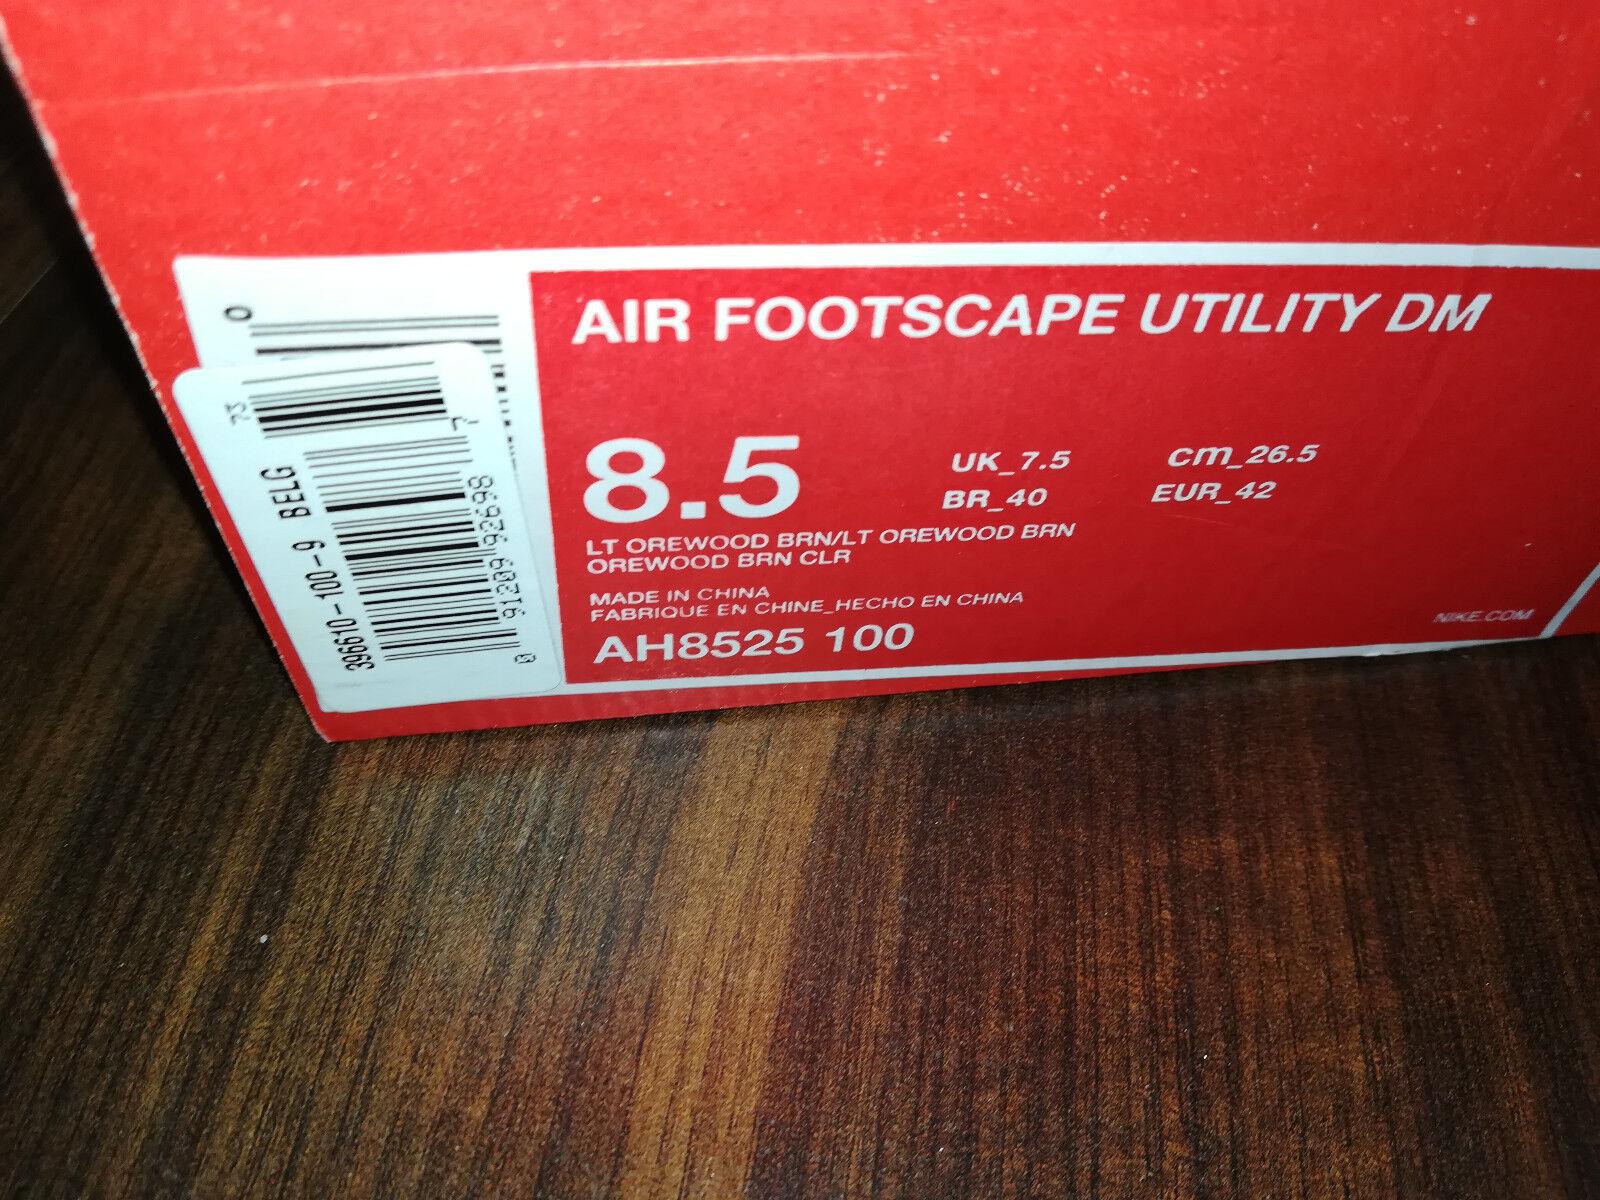 Nike Air Footscape Utility DM Herren Light Orewood AH8525100 Beige Herren DM Schuhe Neu 42 f45511